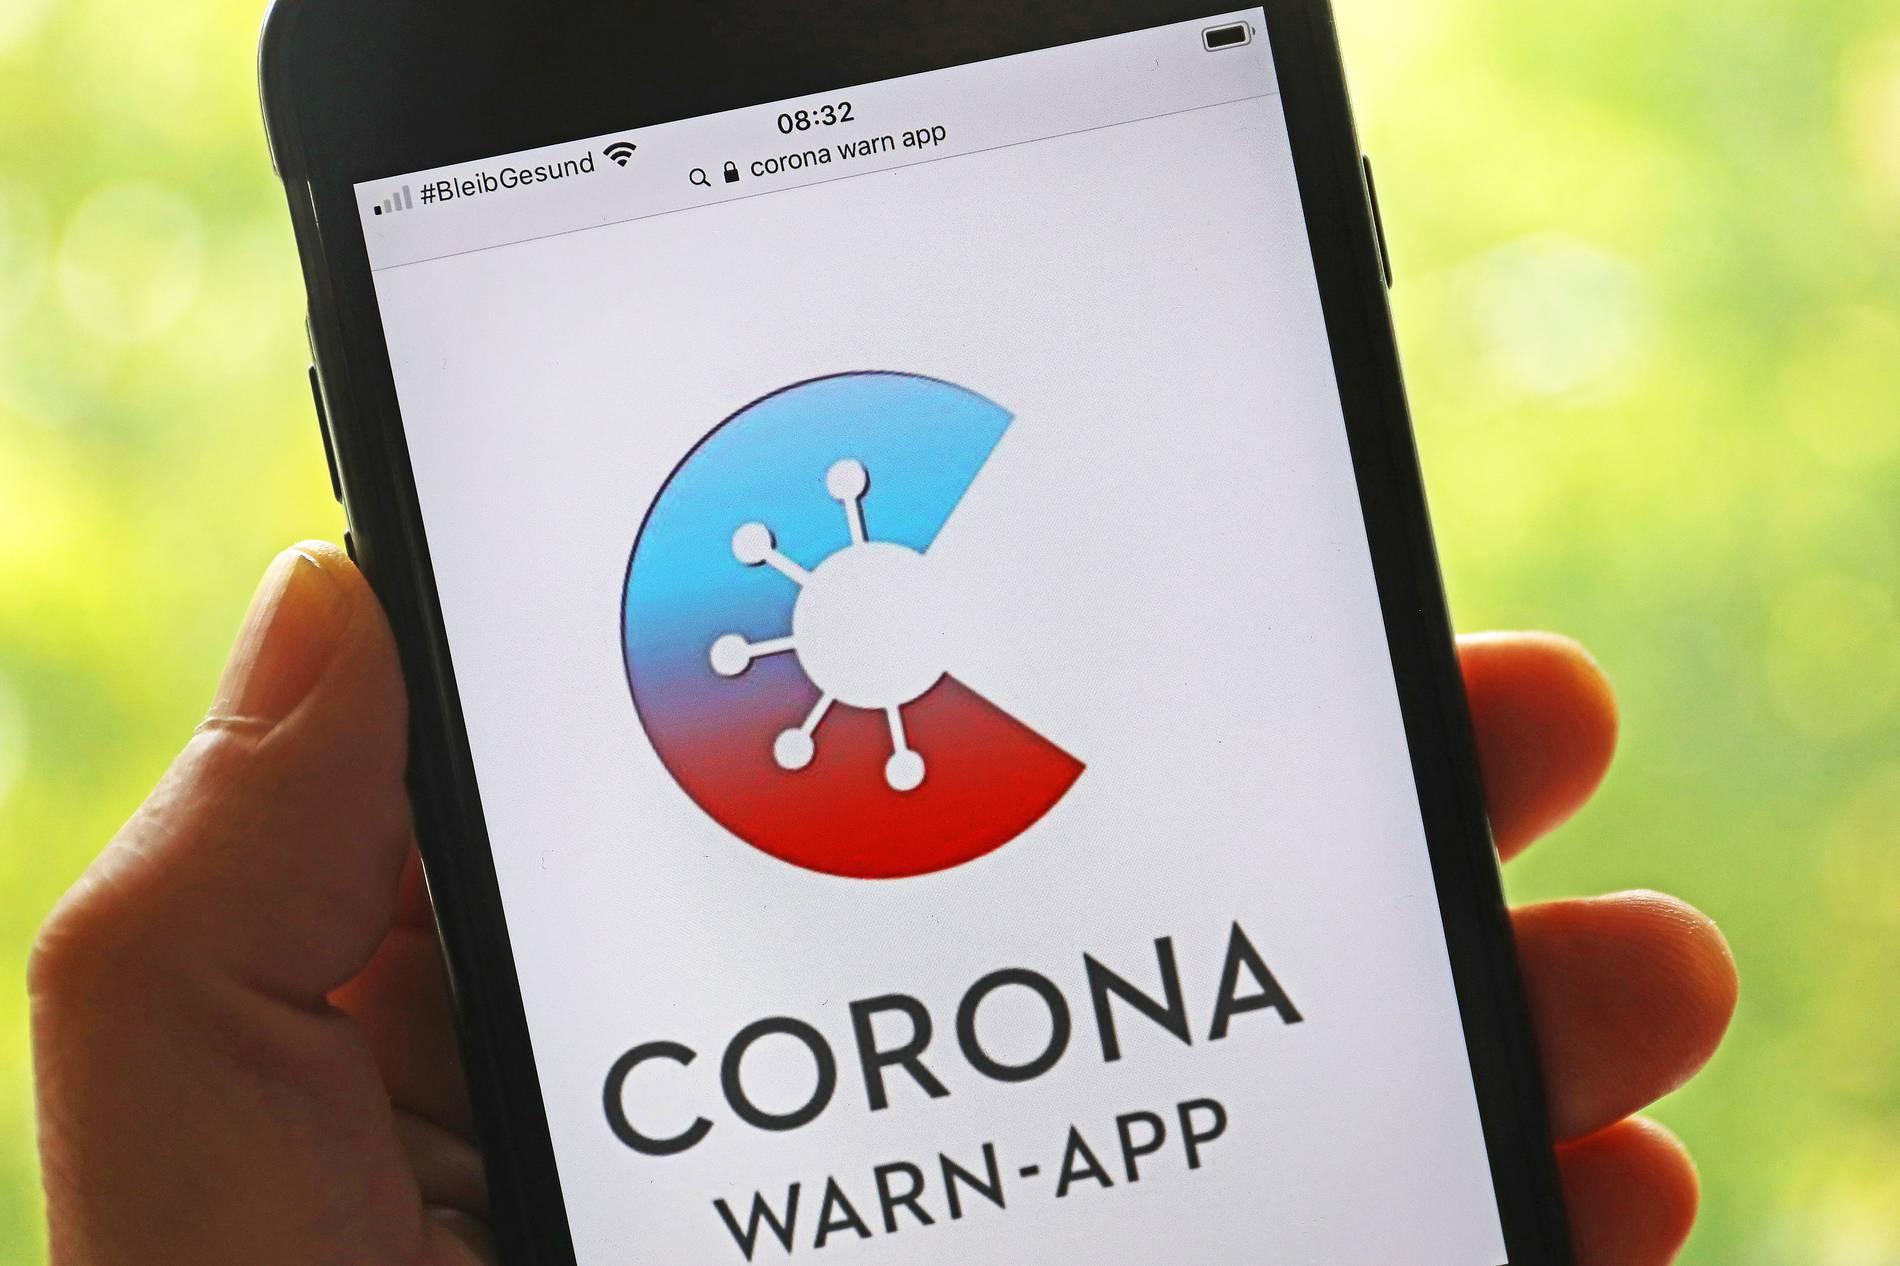 Corona-Warn-App 2.0 mit Check-in-Funktion veröffentlicht - netzwelt